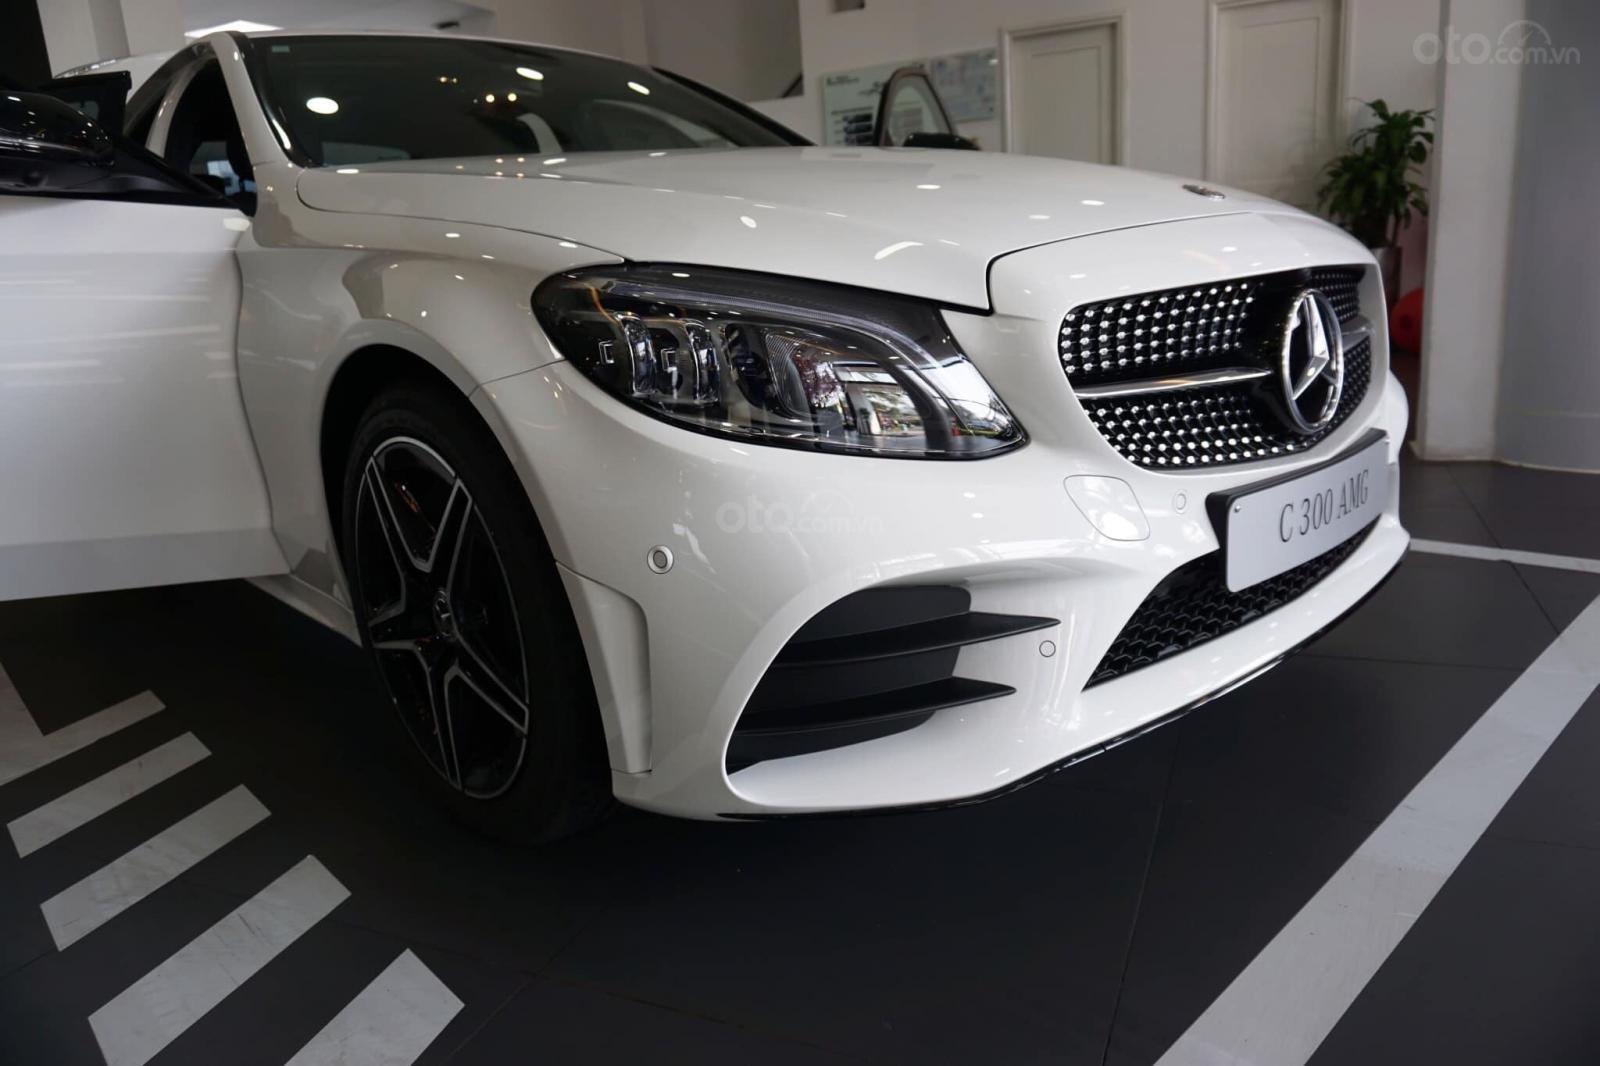 Giá xe Mercedes C300 AMG 2019: Thông số, giá lăn bánh (11/2019) giảm tiền mặt, tặng bảo hiểm và phụ kiện chính hãng (3)